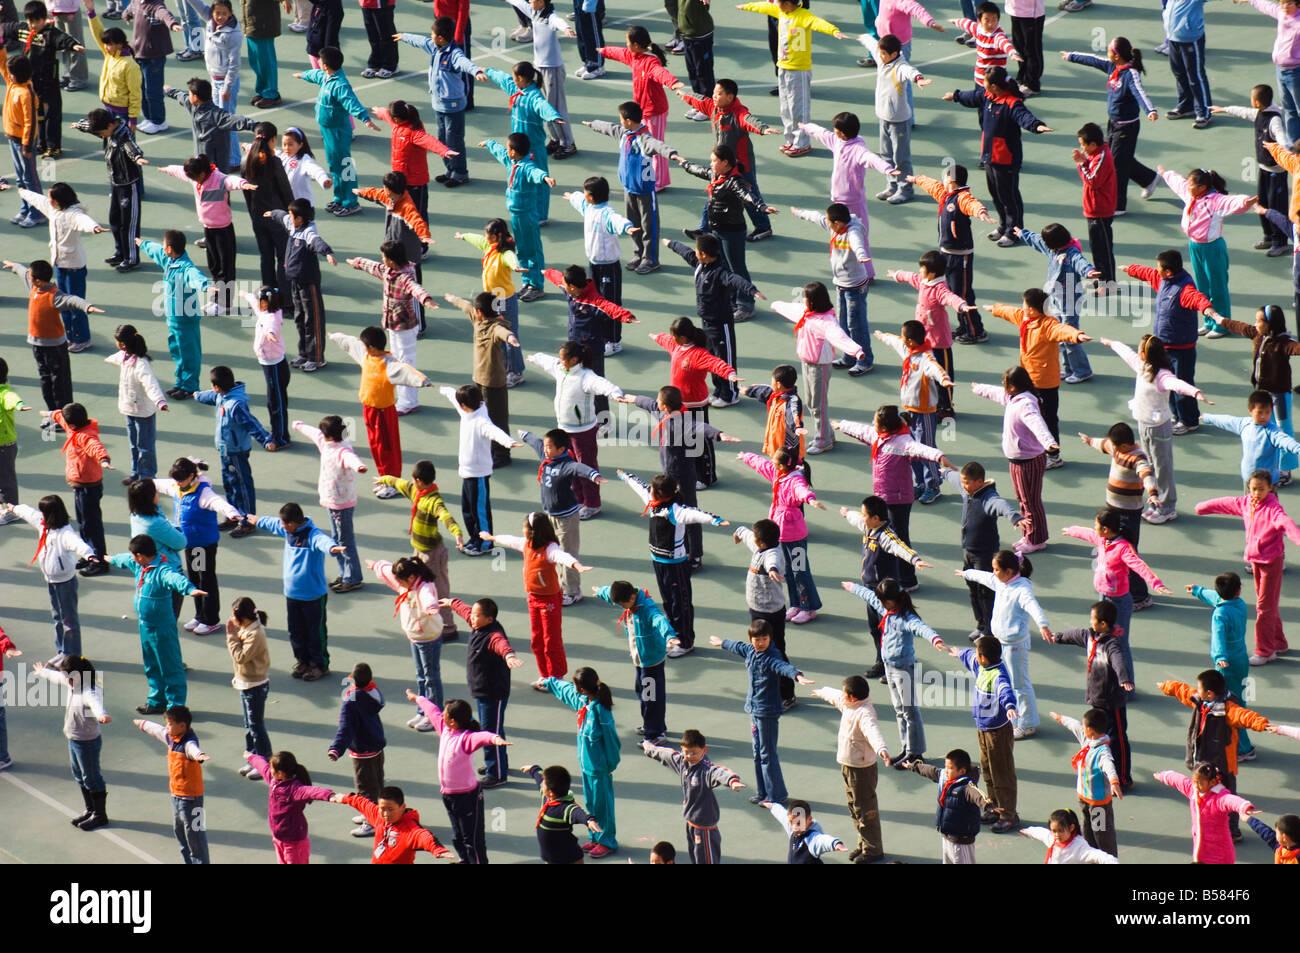 Junior School los niños ejercen en coloridos vestidos, Pekin, China, Asia Imagen De Stock